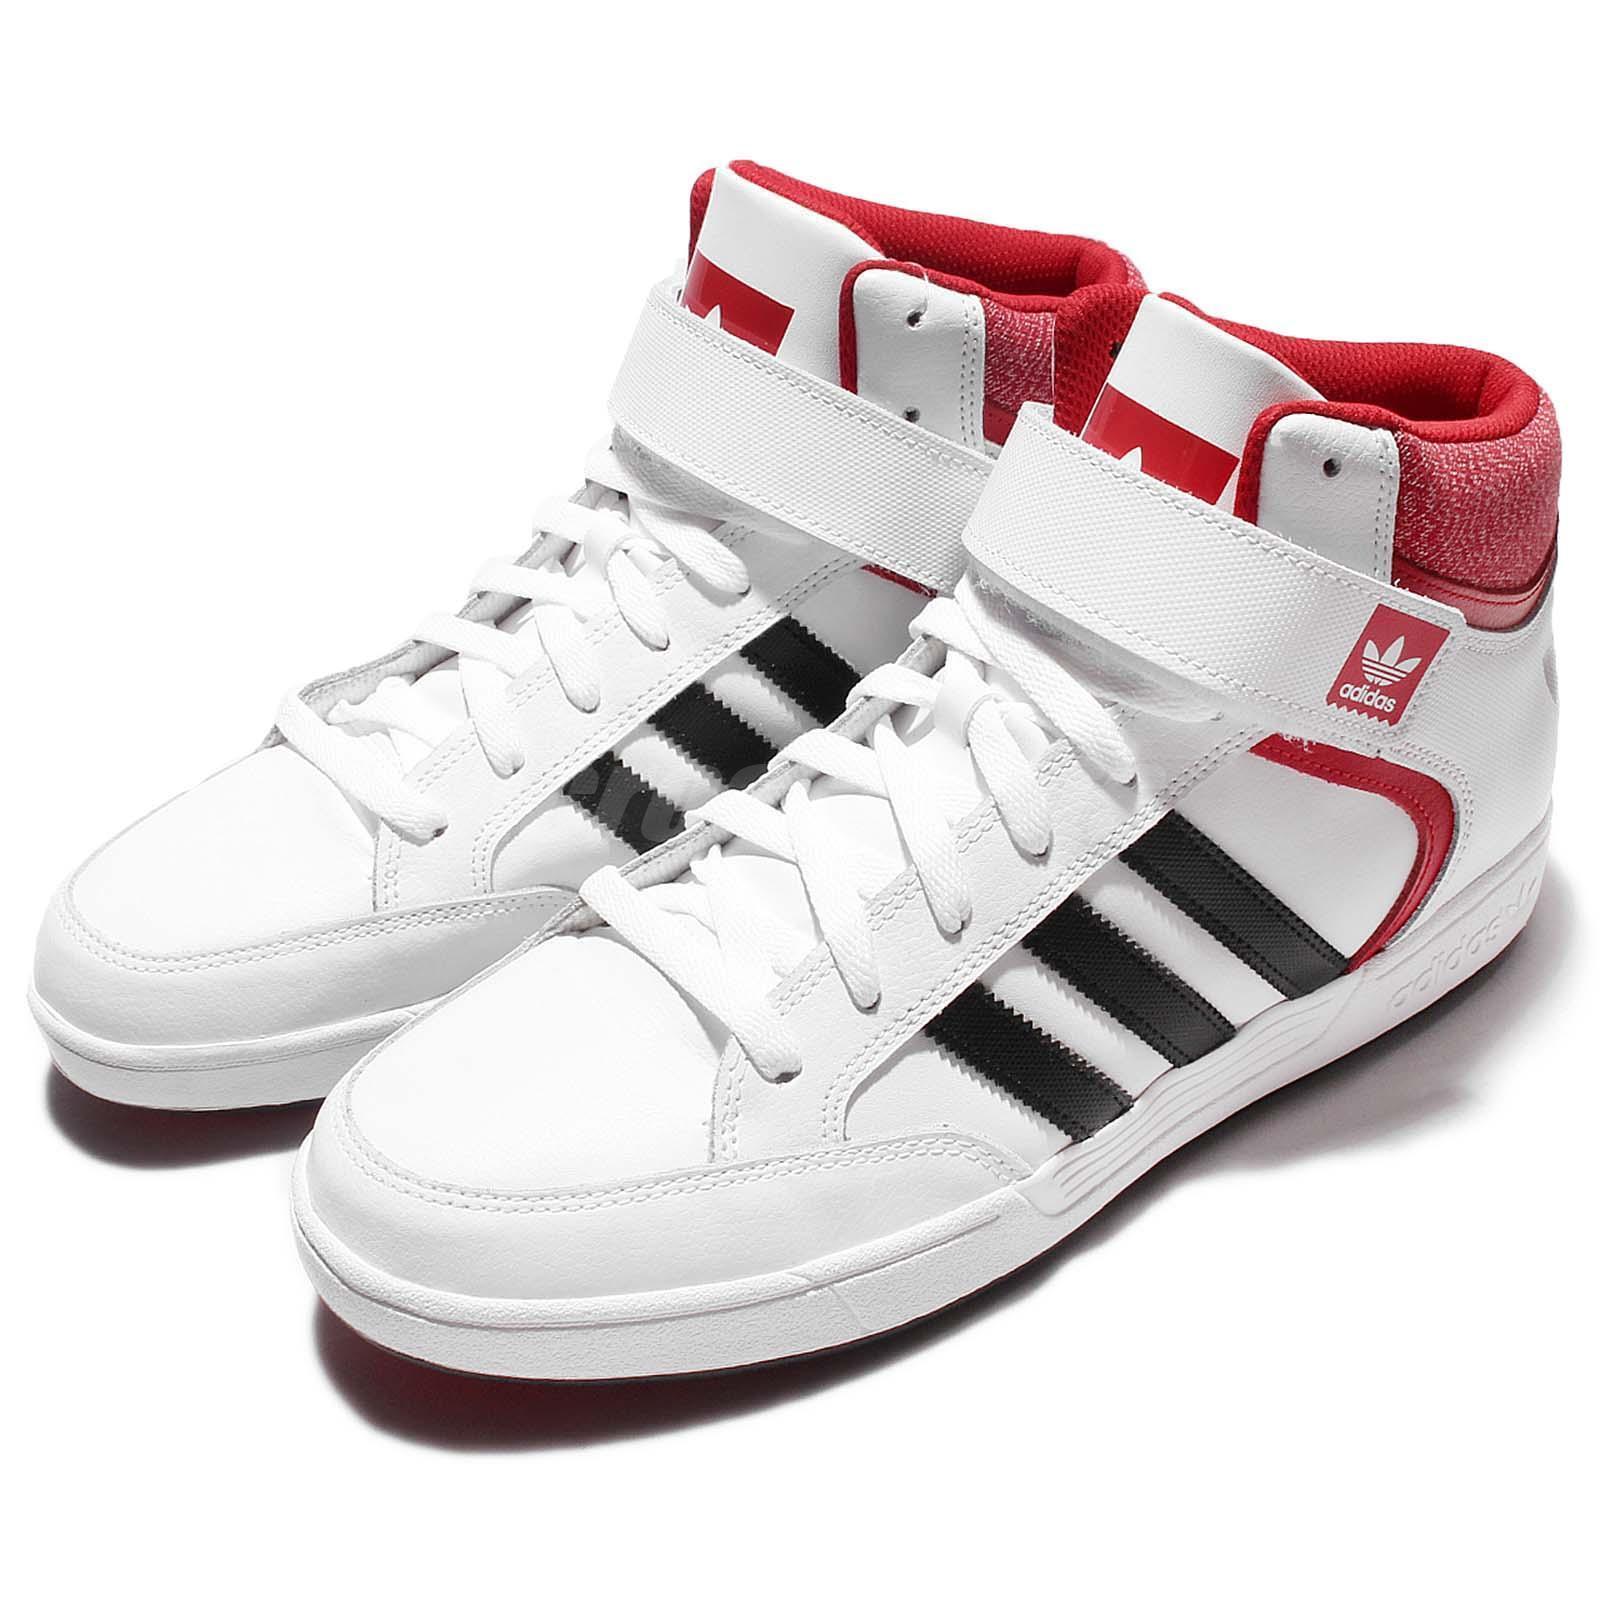 schöne adidas originals varial mitte weiß, schwarz - rot - kreuz - mens